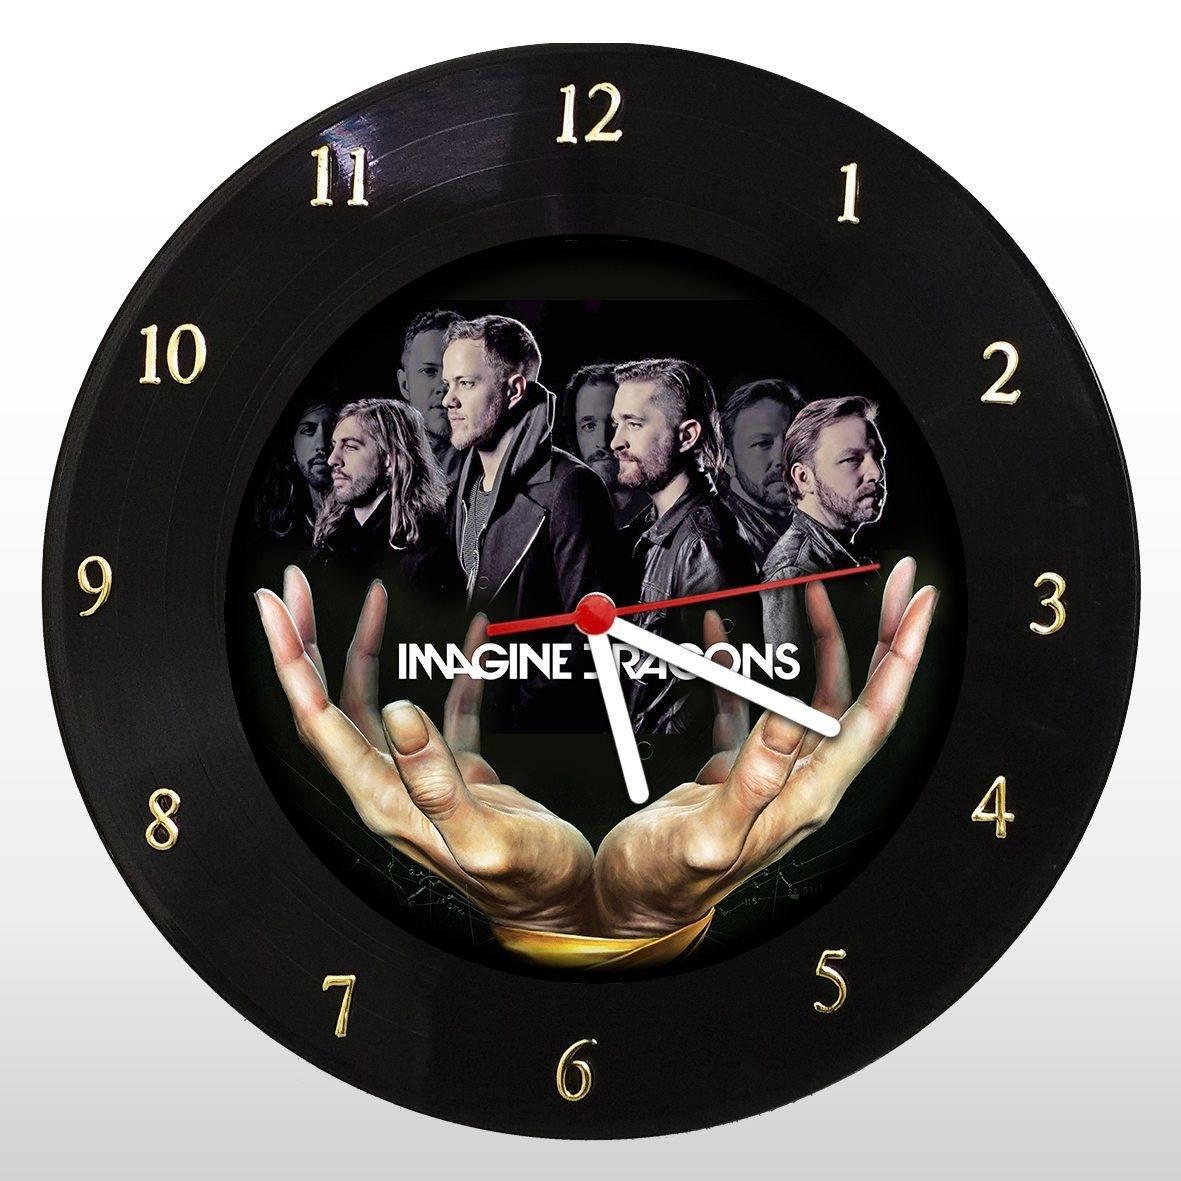 Imagine Dragons - Relógio de Parede em Disco de Vinil - Mr. Rock